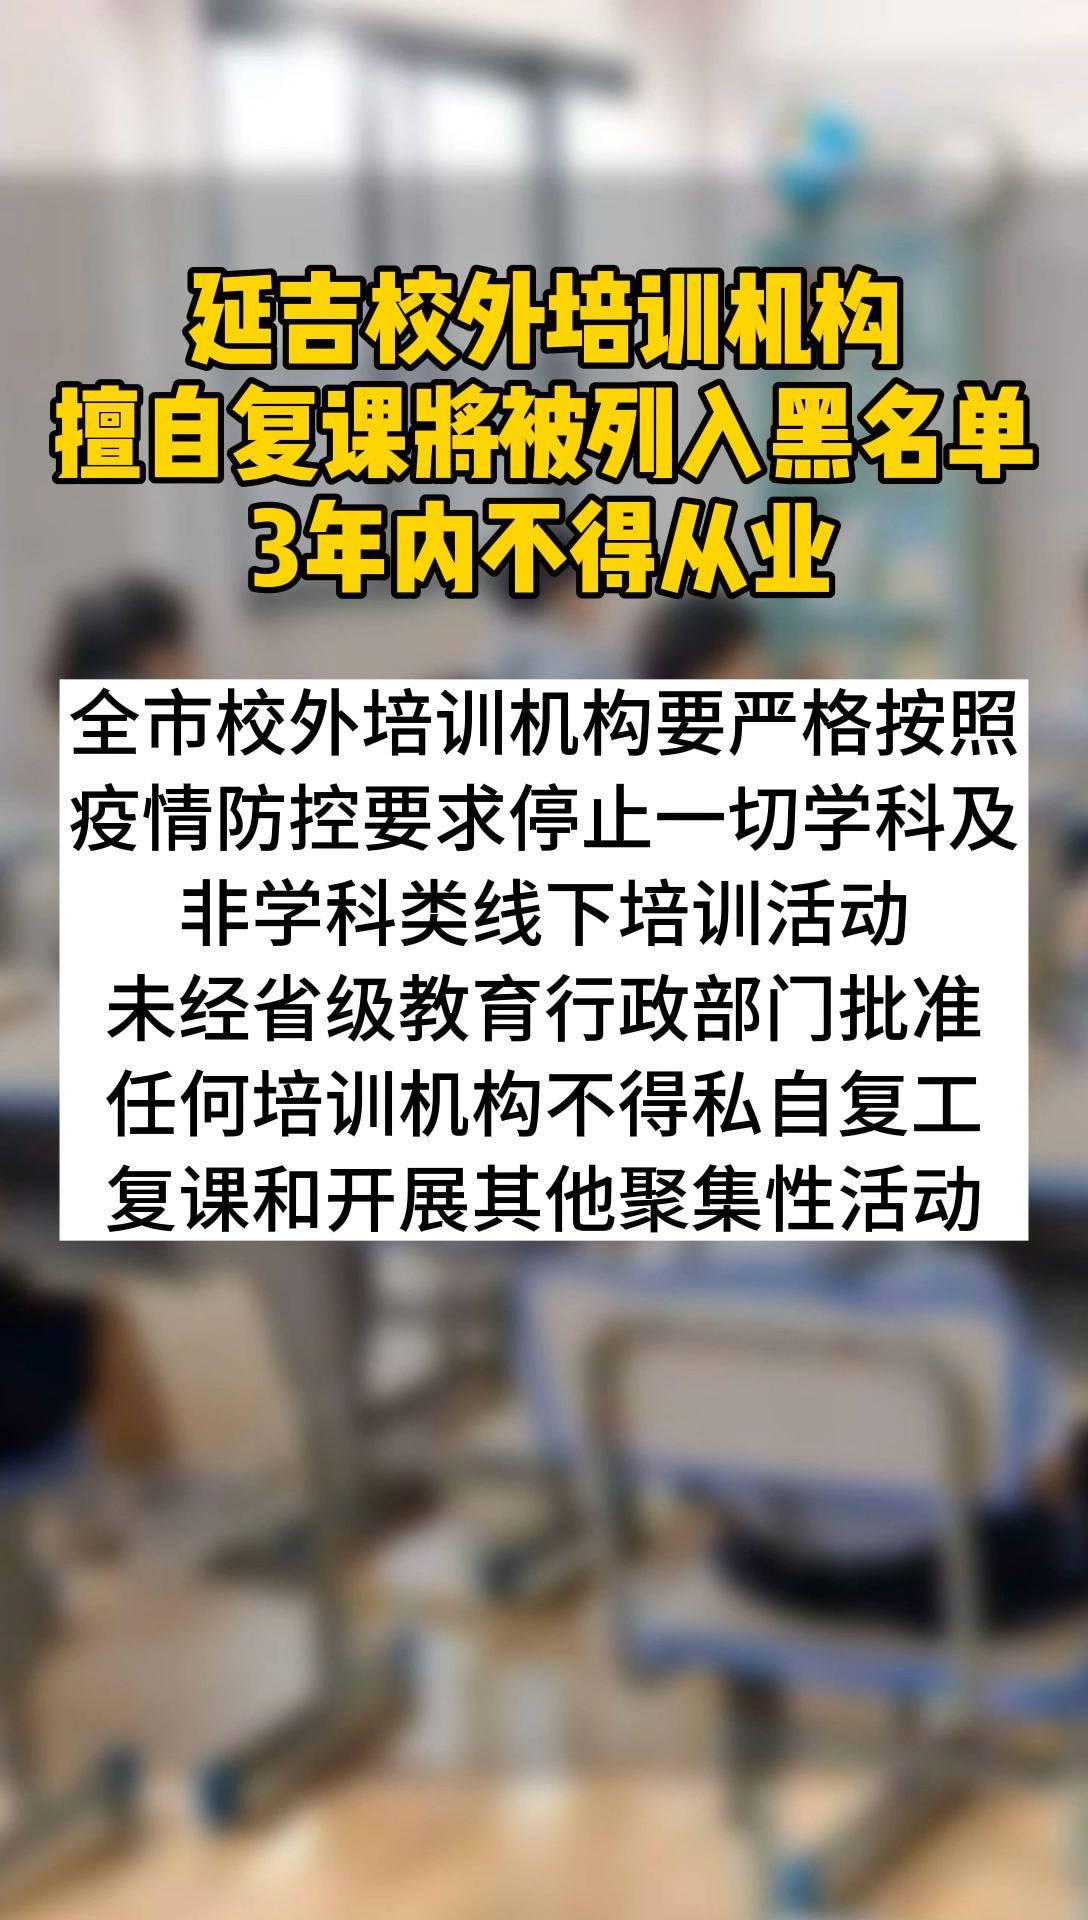 【微视频】延吉校外培训机构擅自复课将被列入黑名单 3年内不得从业